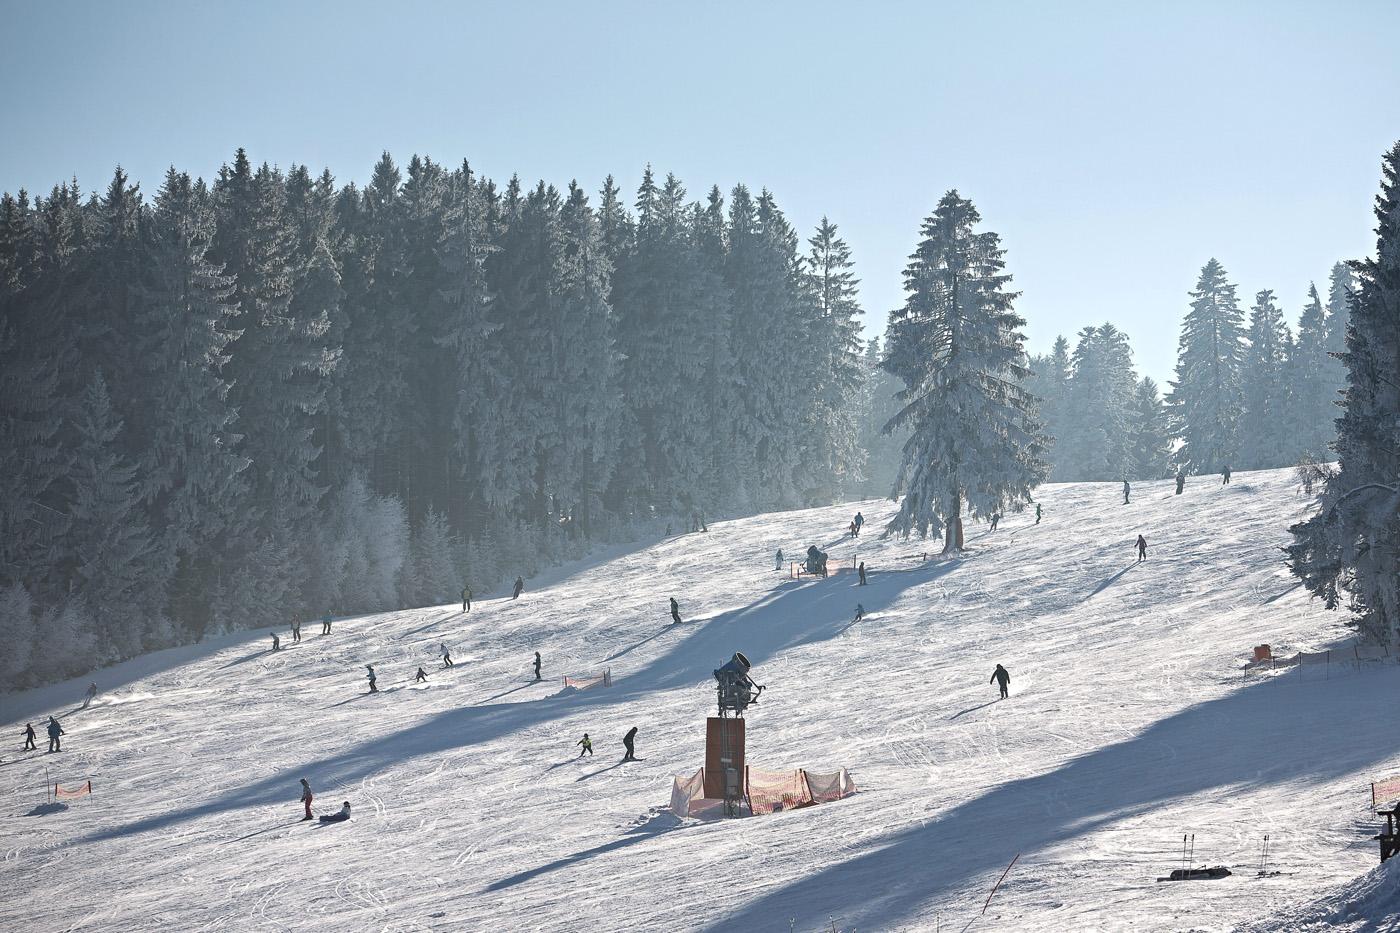 Lipno in Boheemse Woud - Zuid-Tsjechië